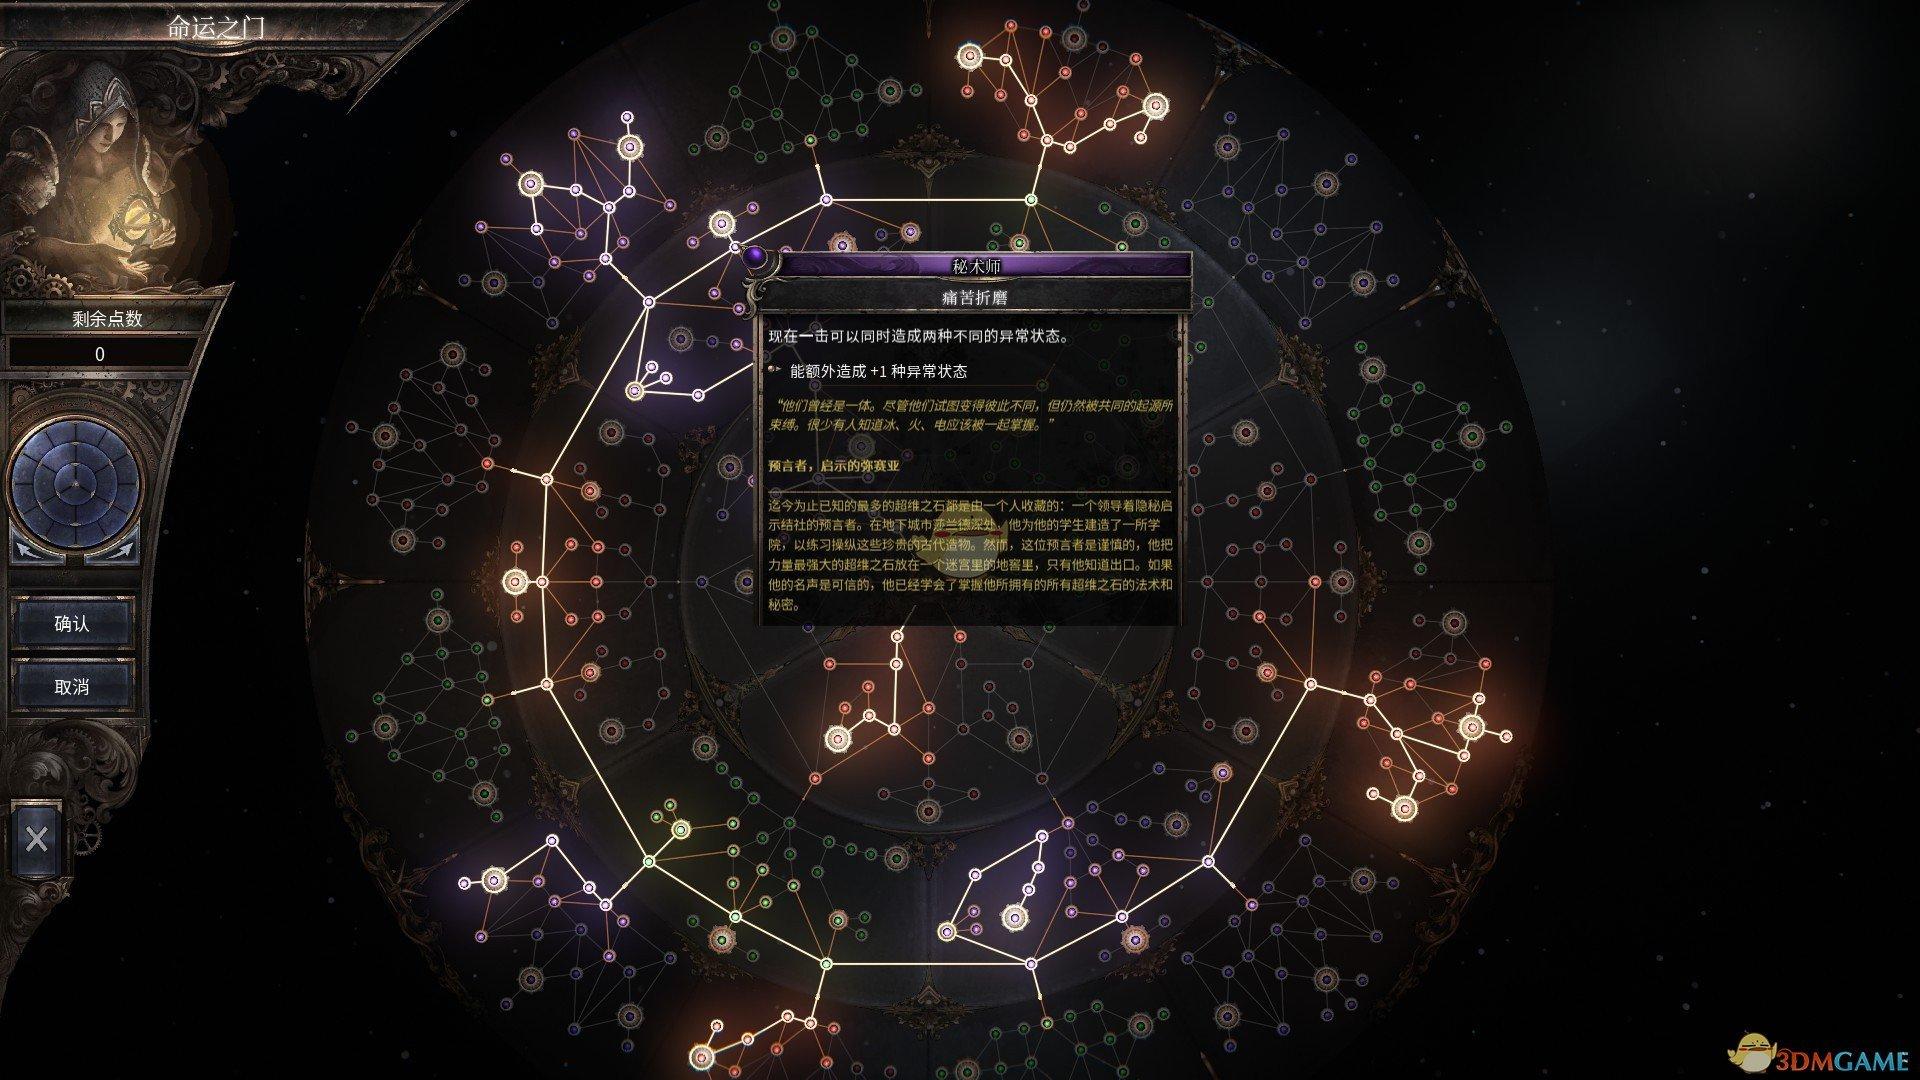 《破坏领主》神秘标靶增伤流BD分享